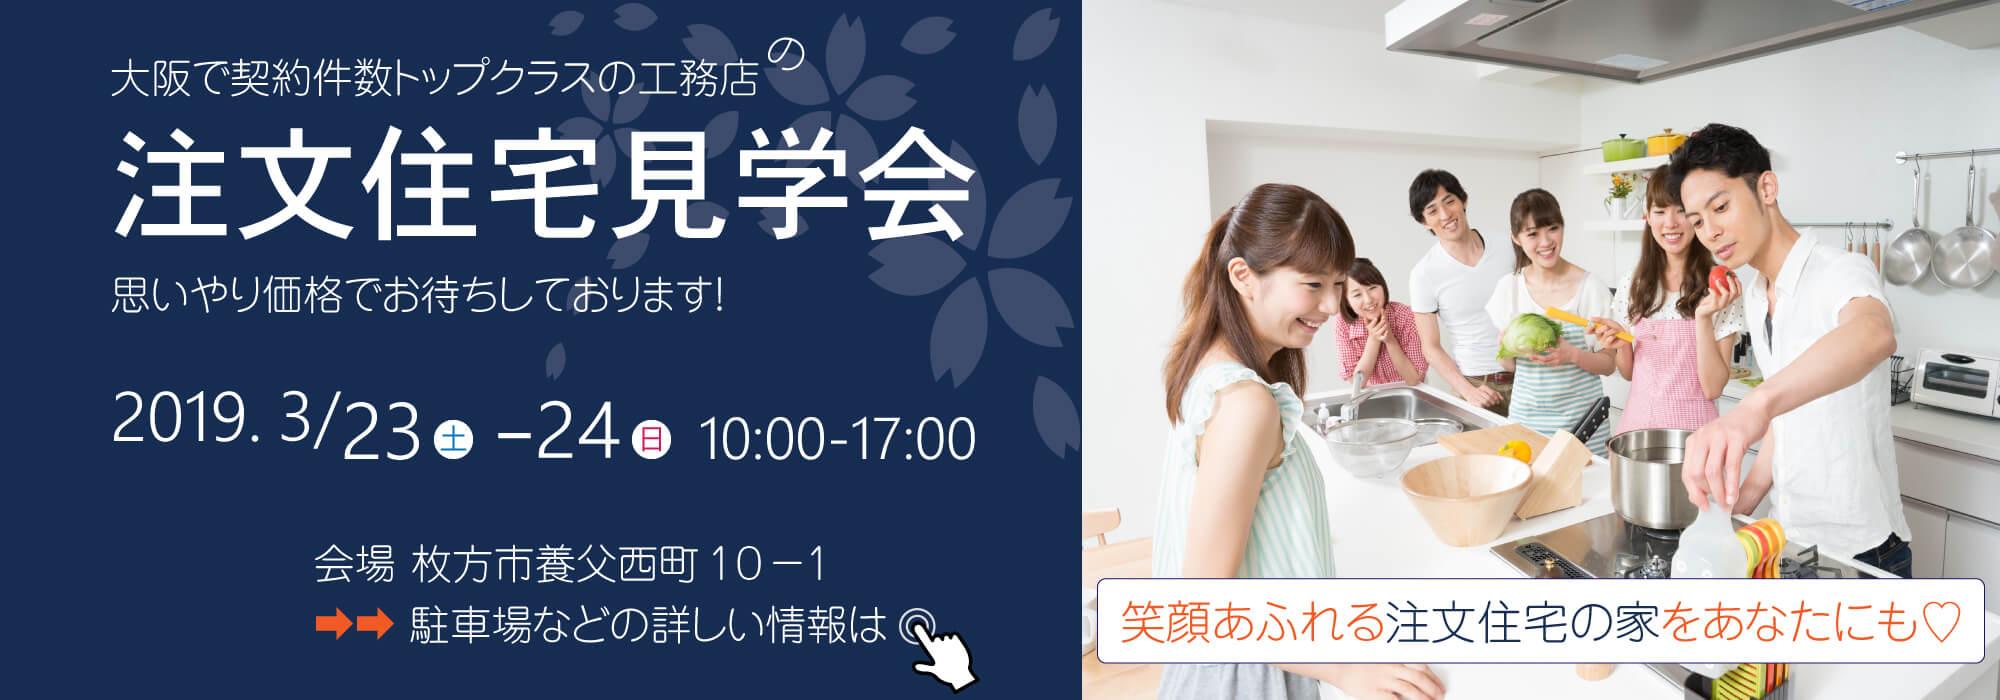 枚方市で新築一戸建ての見学会を開催します